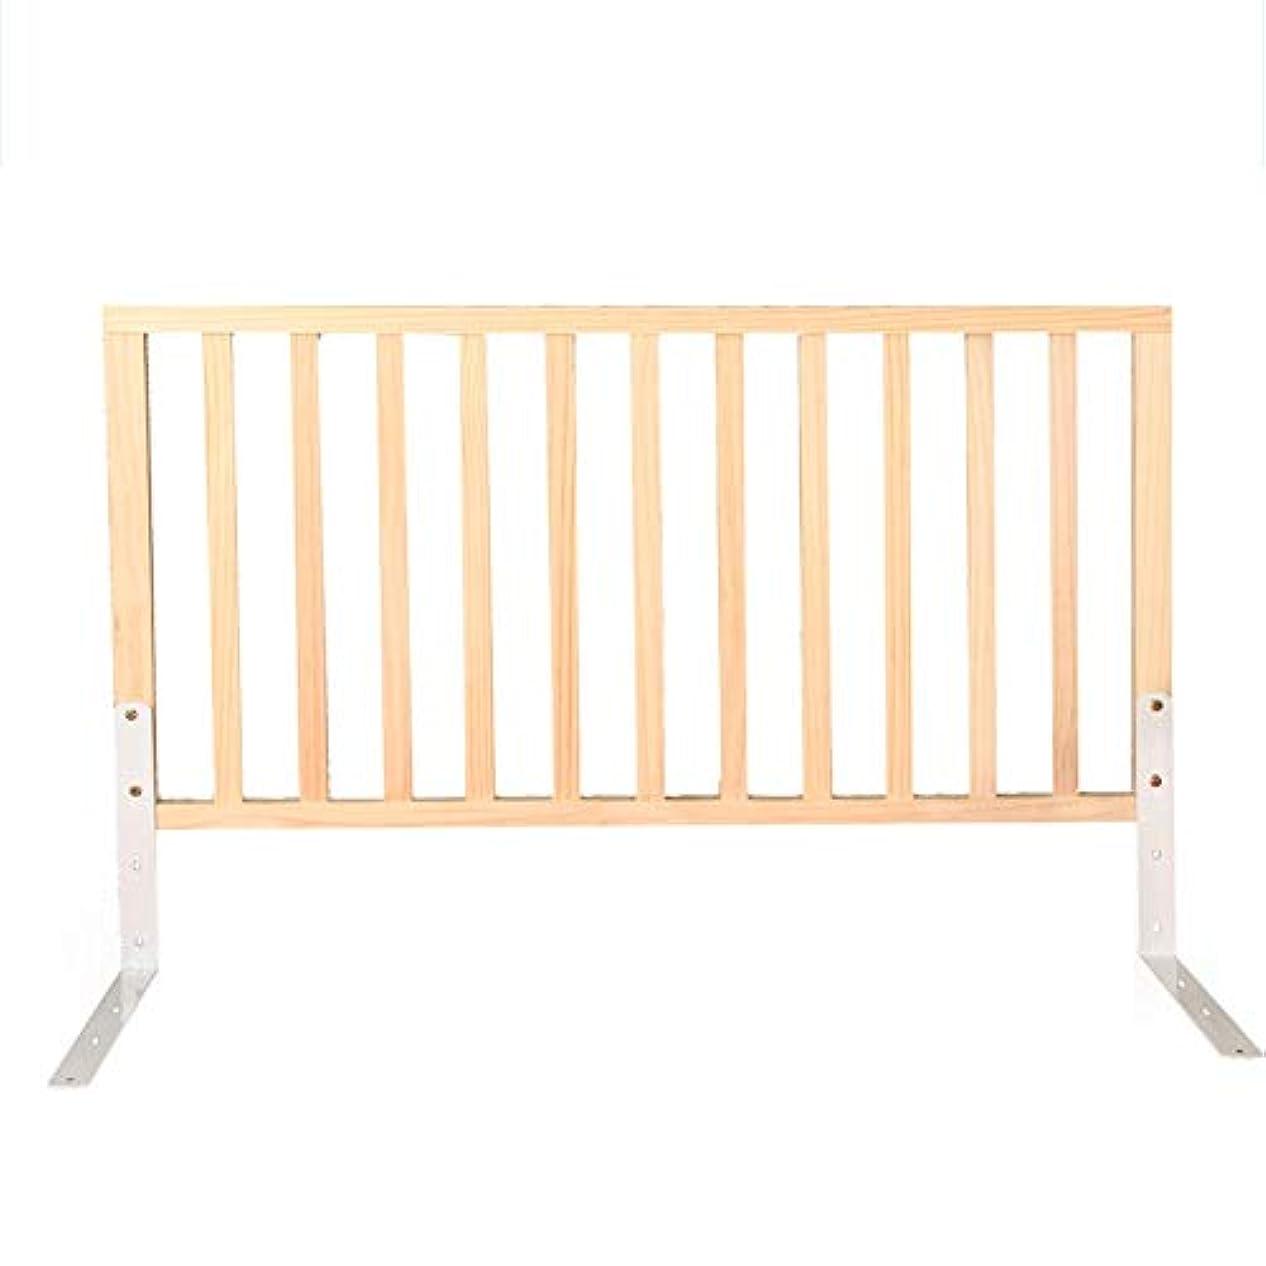 聖域カナダチップXyanzi-ガードレールフェンス 幼児のガードレール、純木のベッドの柵の監視高さ調節可能なスラット及びBoxspringのための普遍的な適合(サイズ:150cm) (色 : A, サイズ さいず : 120cm)